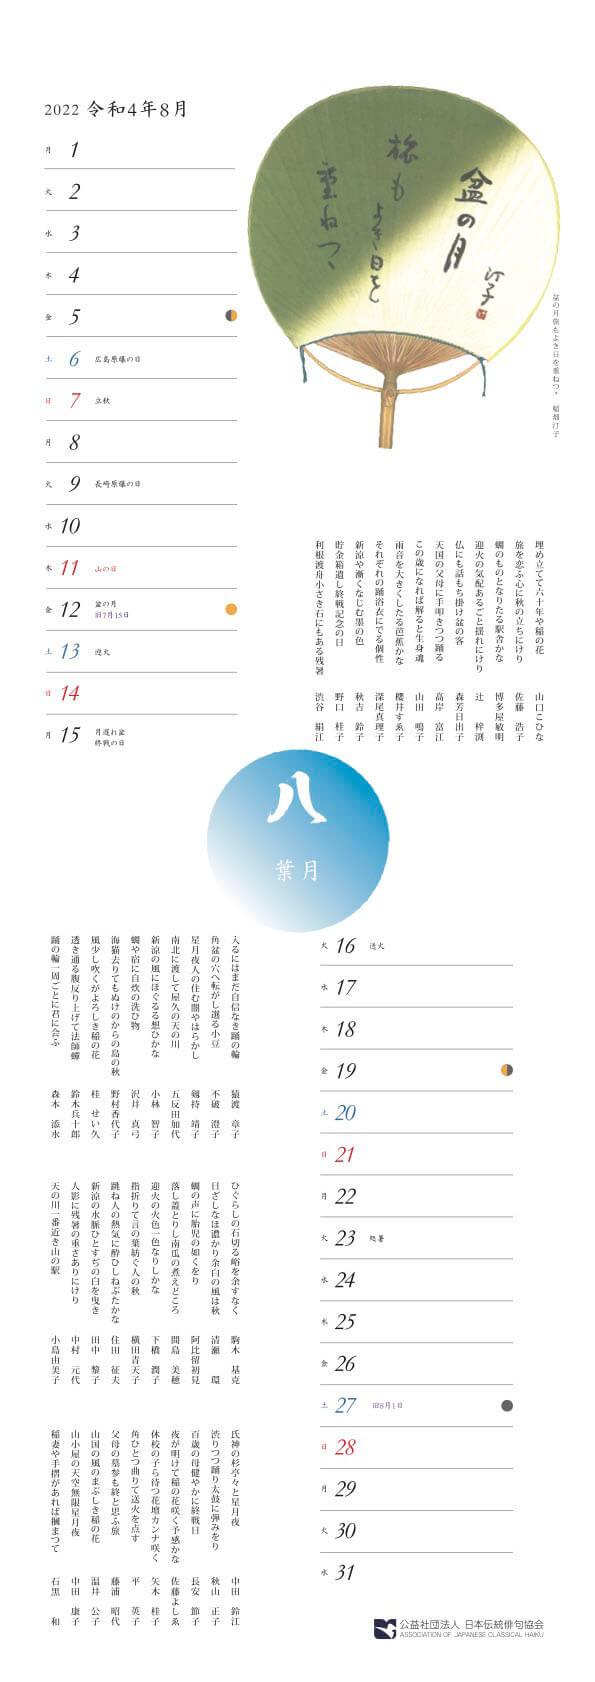 2021年俳句カレンダー